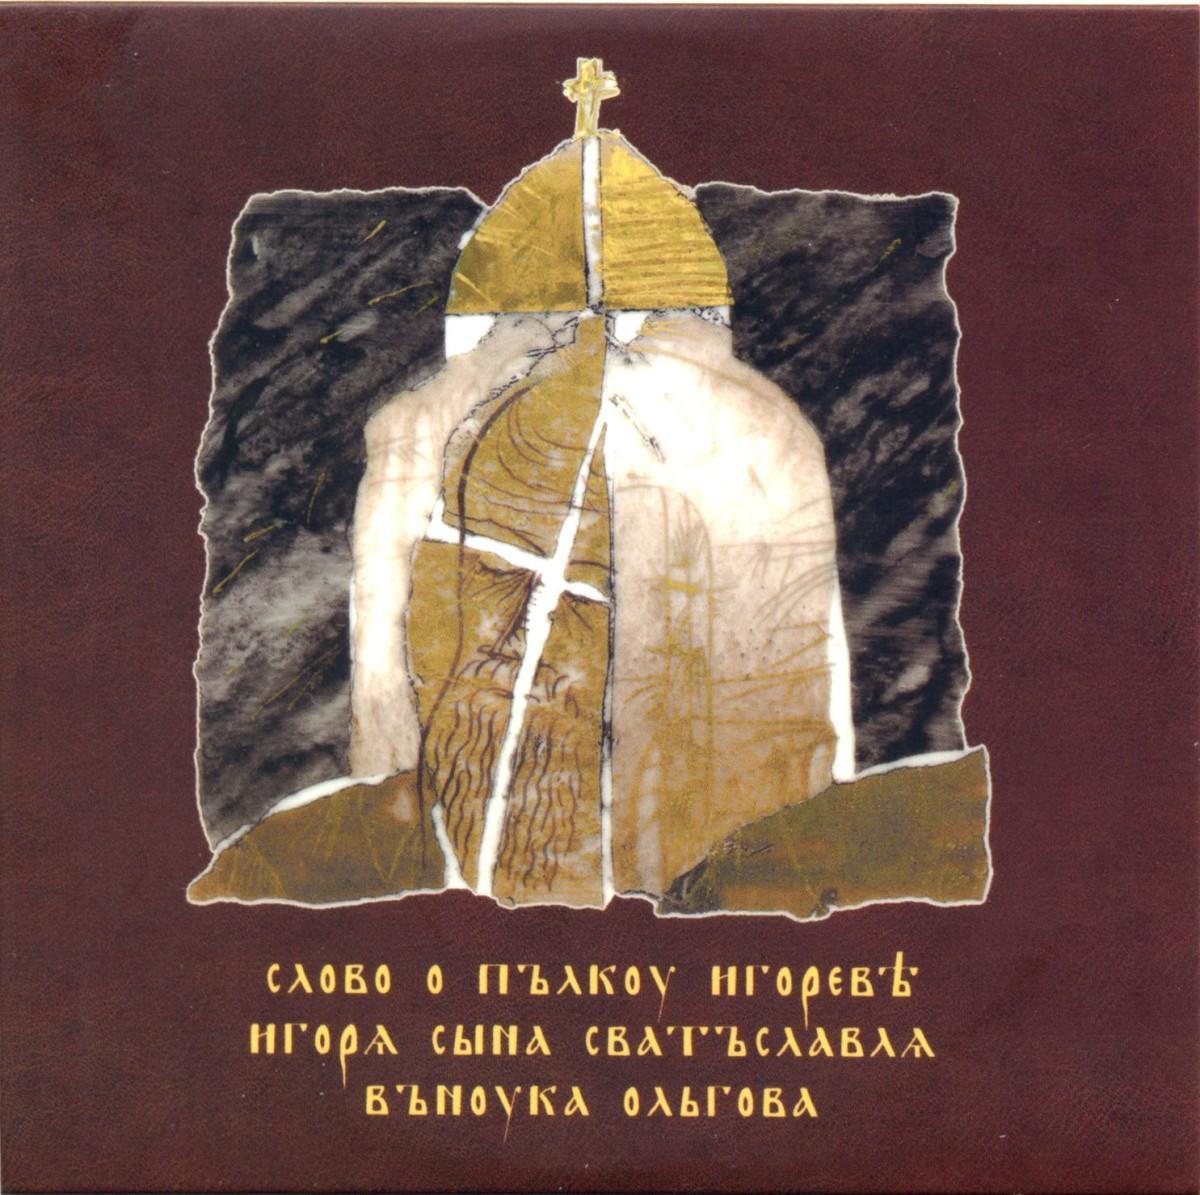 Поэтический язык слово о полку игореве видео фото 130-491